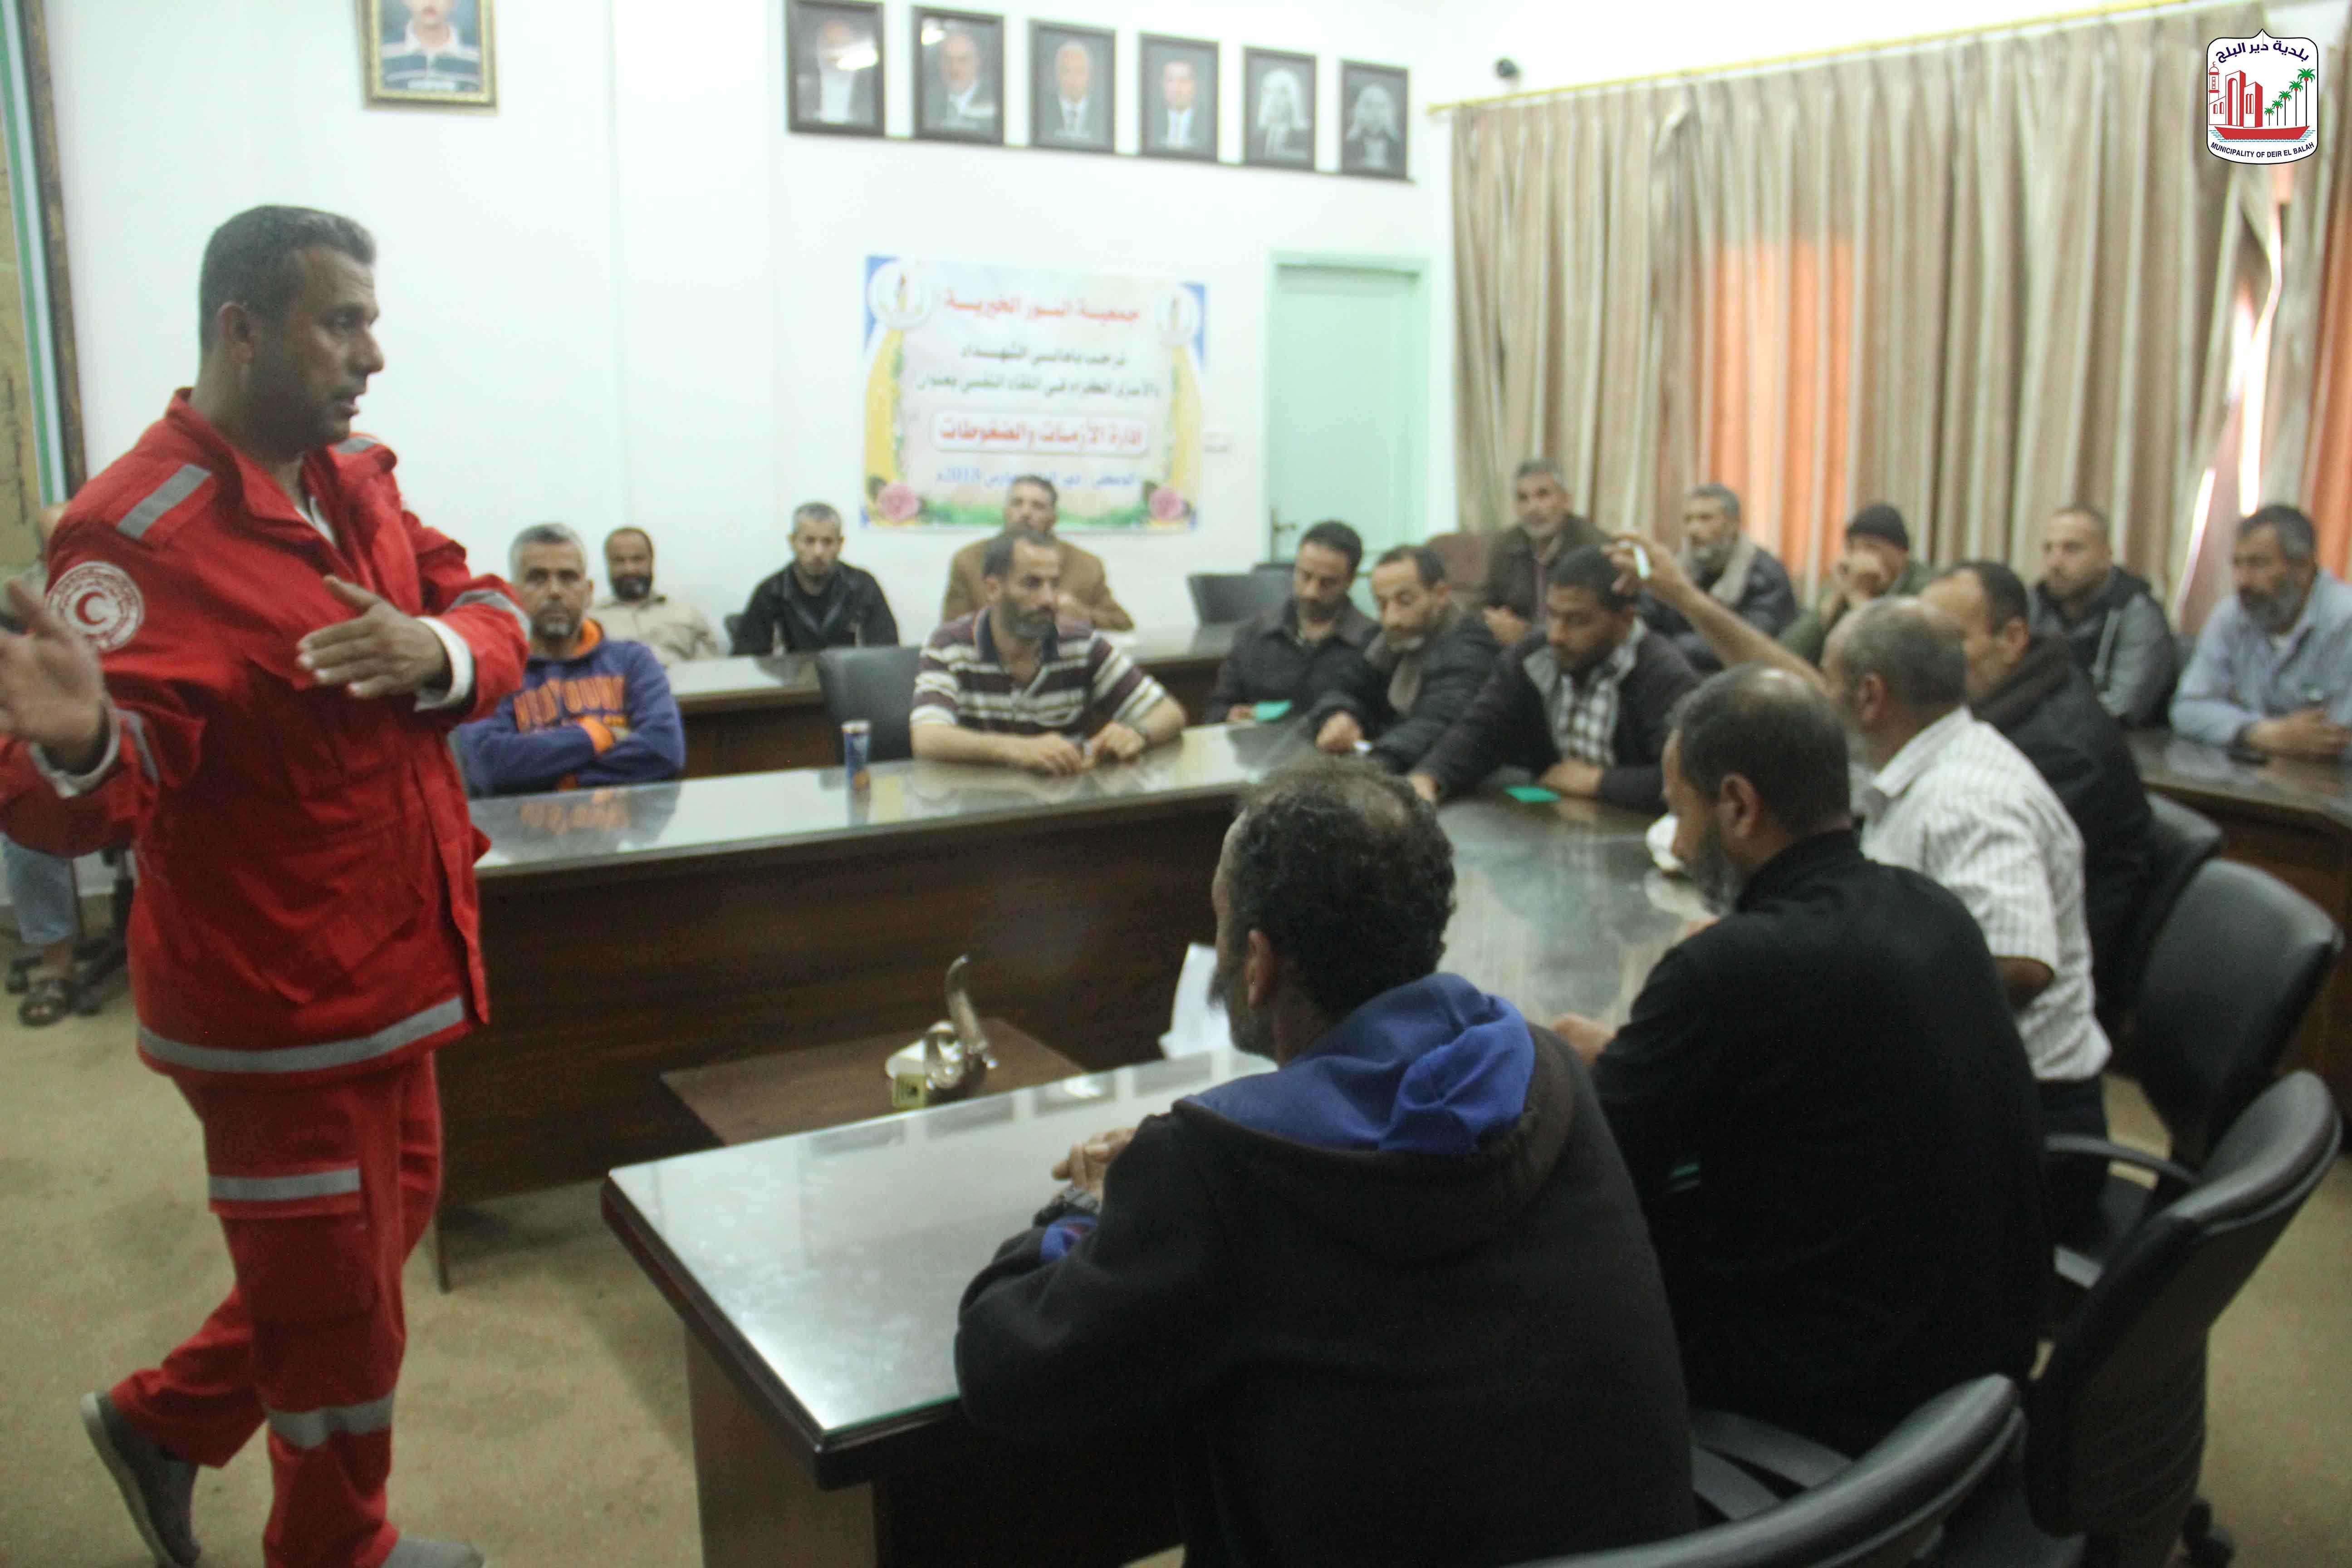 البلدية بالتعاون مع وزارة الحكم المحلي تعقد دورة في الإسعافات الأولية للمنقذين البحريين